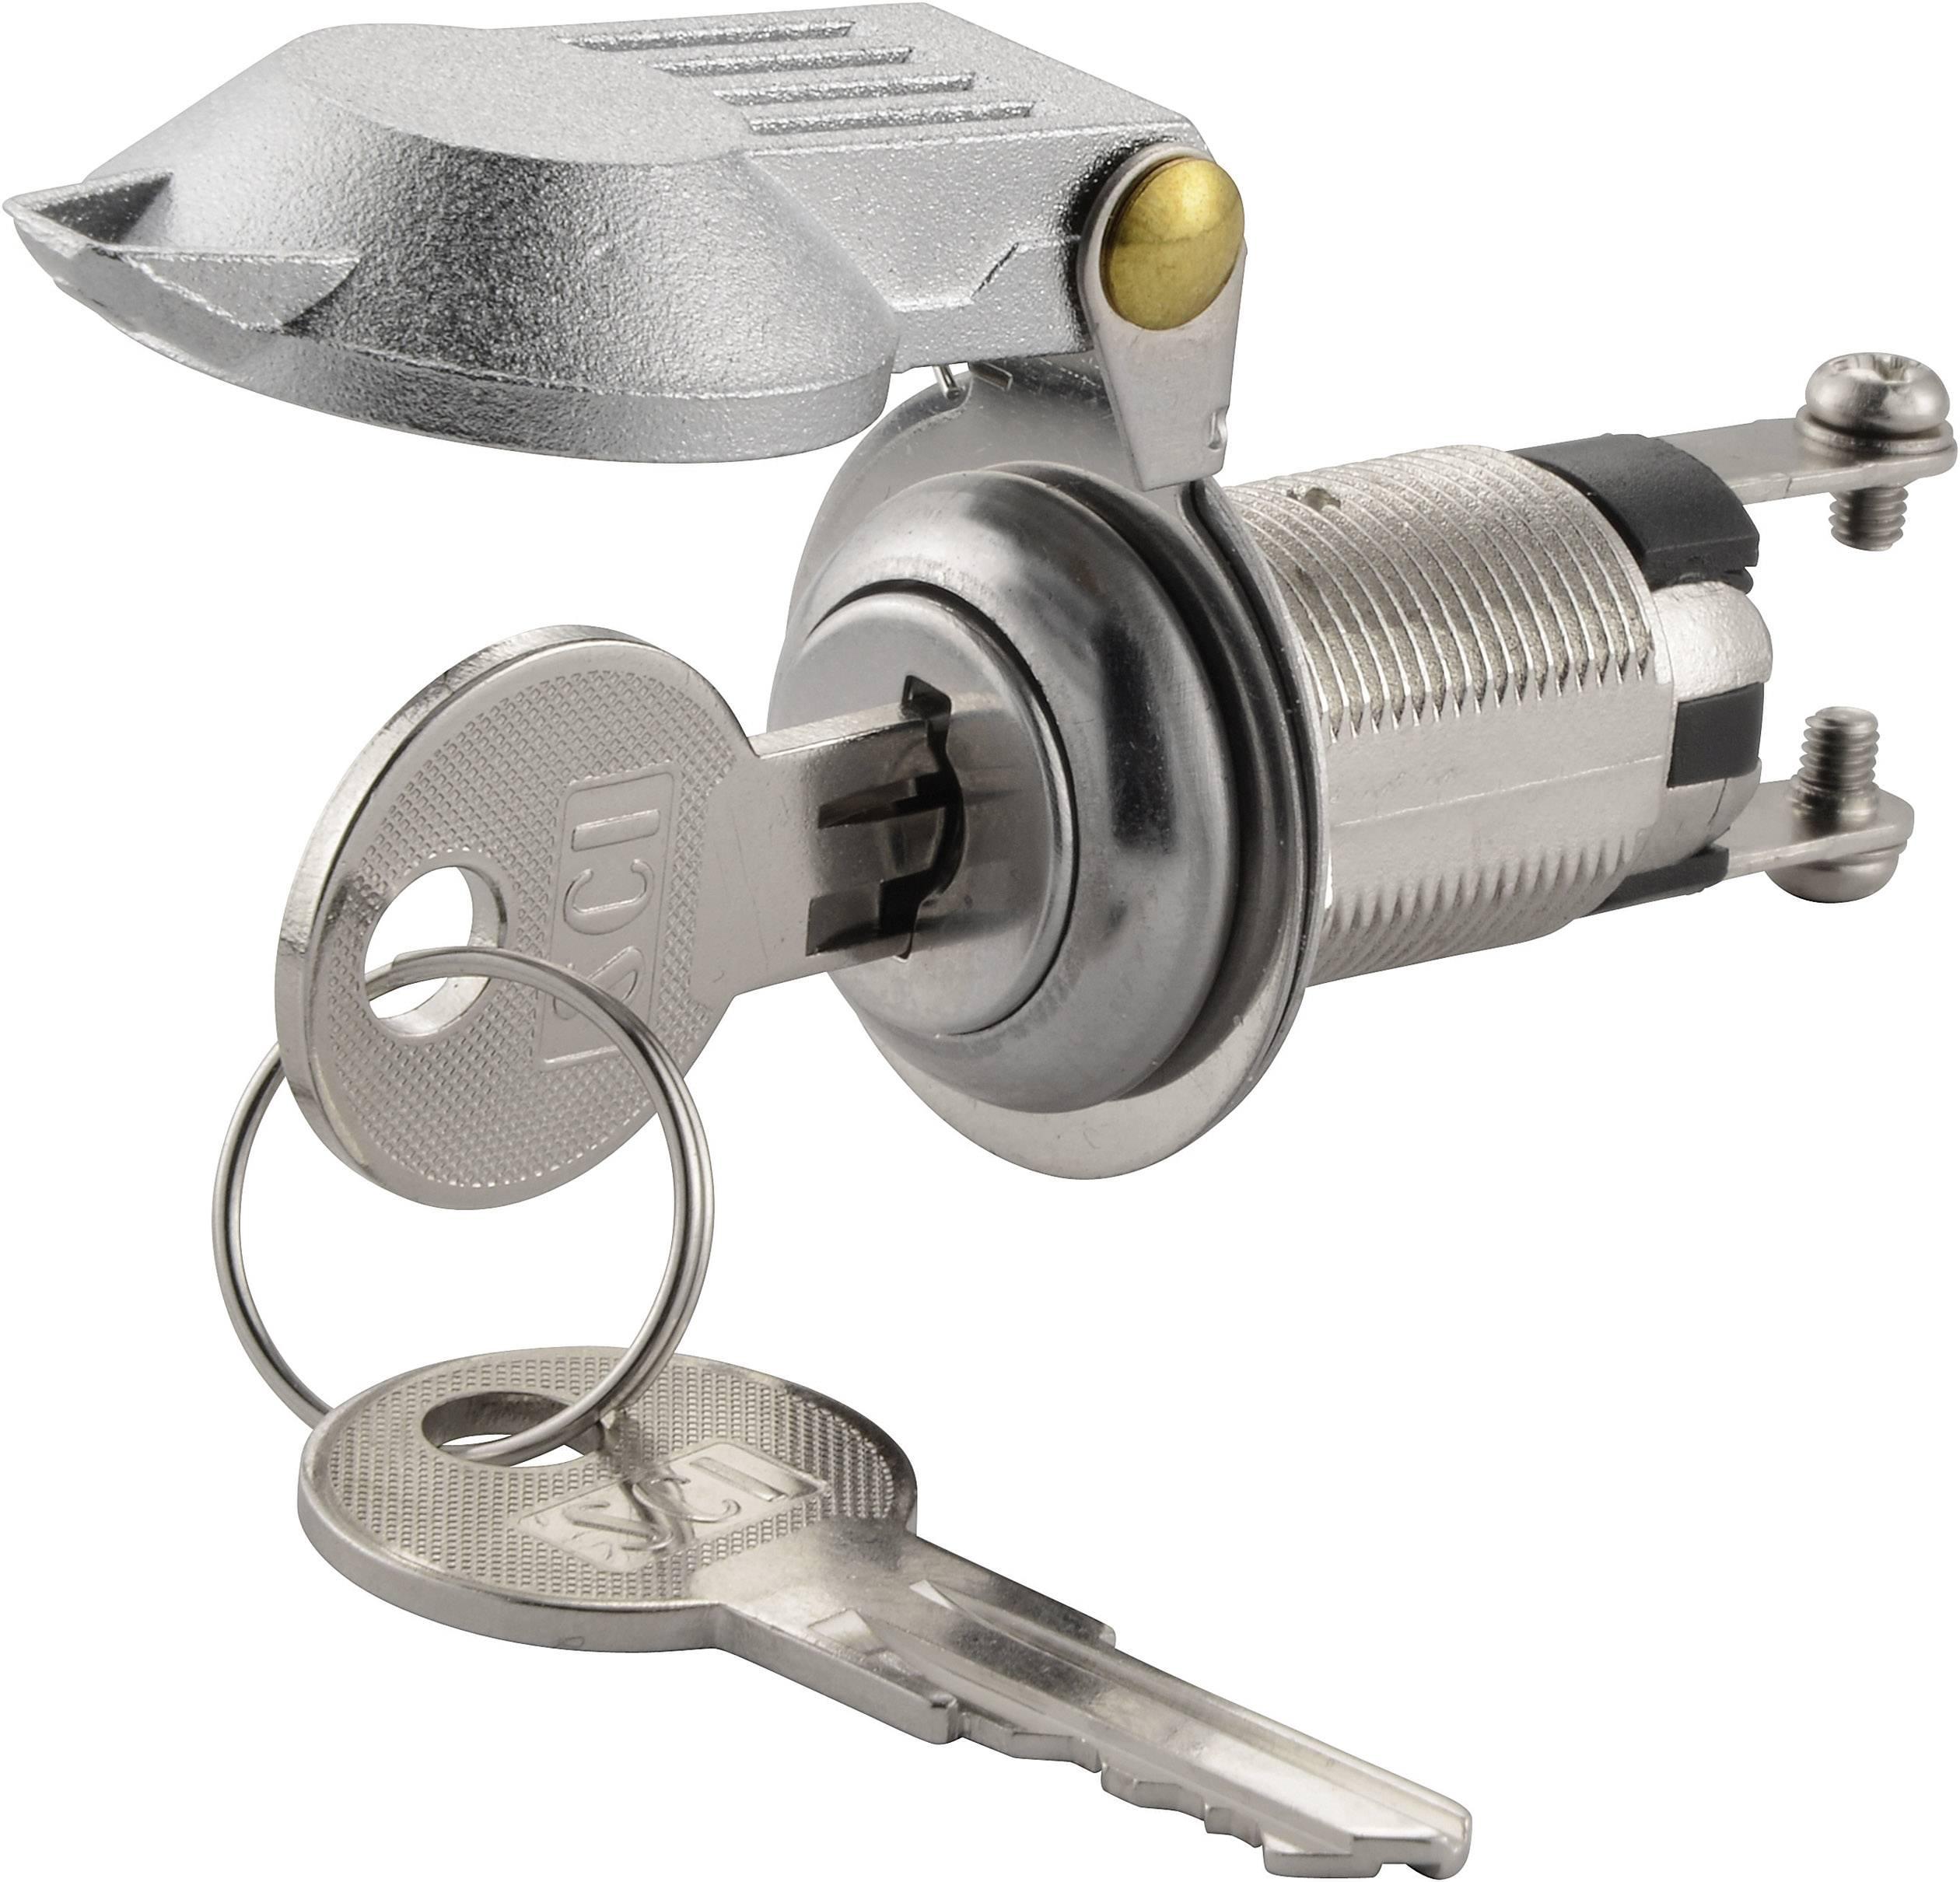 Kľúčový spínač SCI K3-16A2-06 701169, 250 V/AC, 1.5 A, 1x vyp/zap, 1 x 90 °, 1 ks